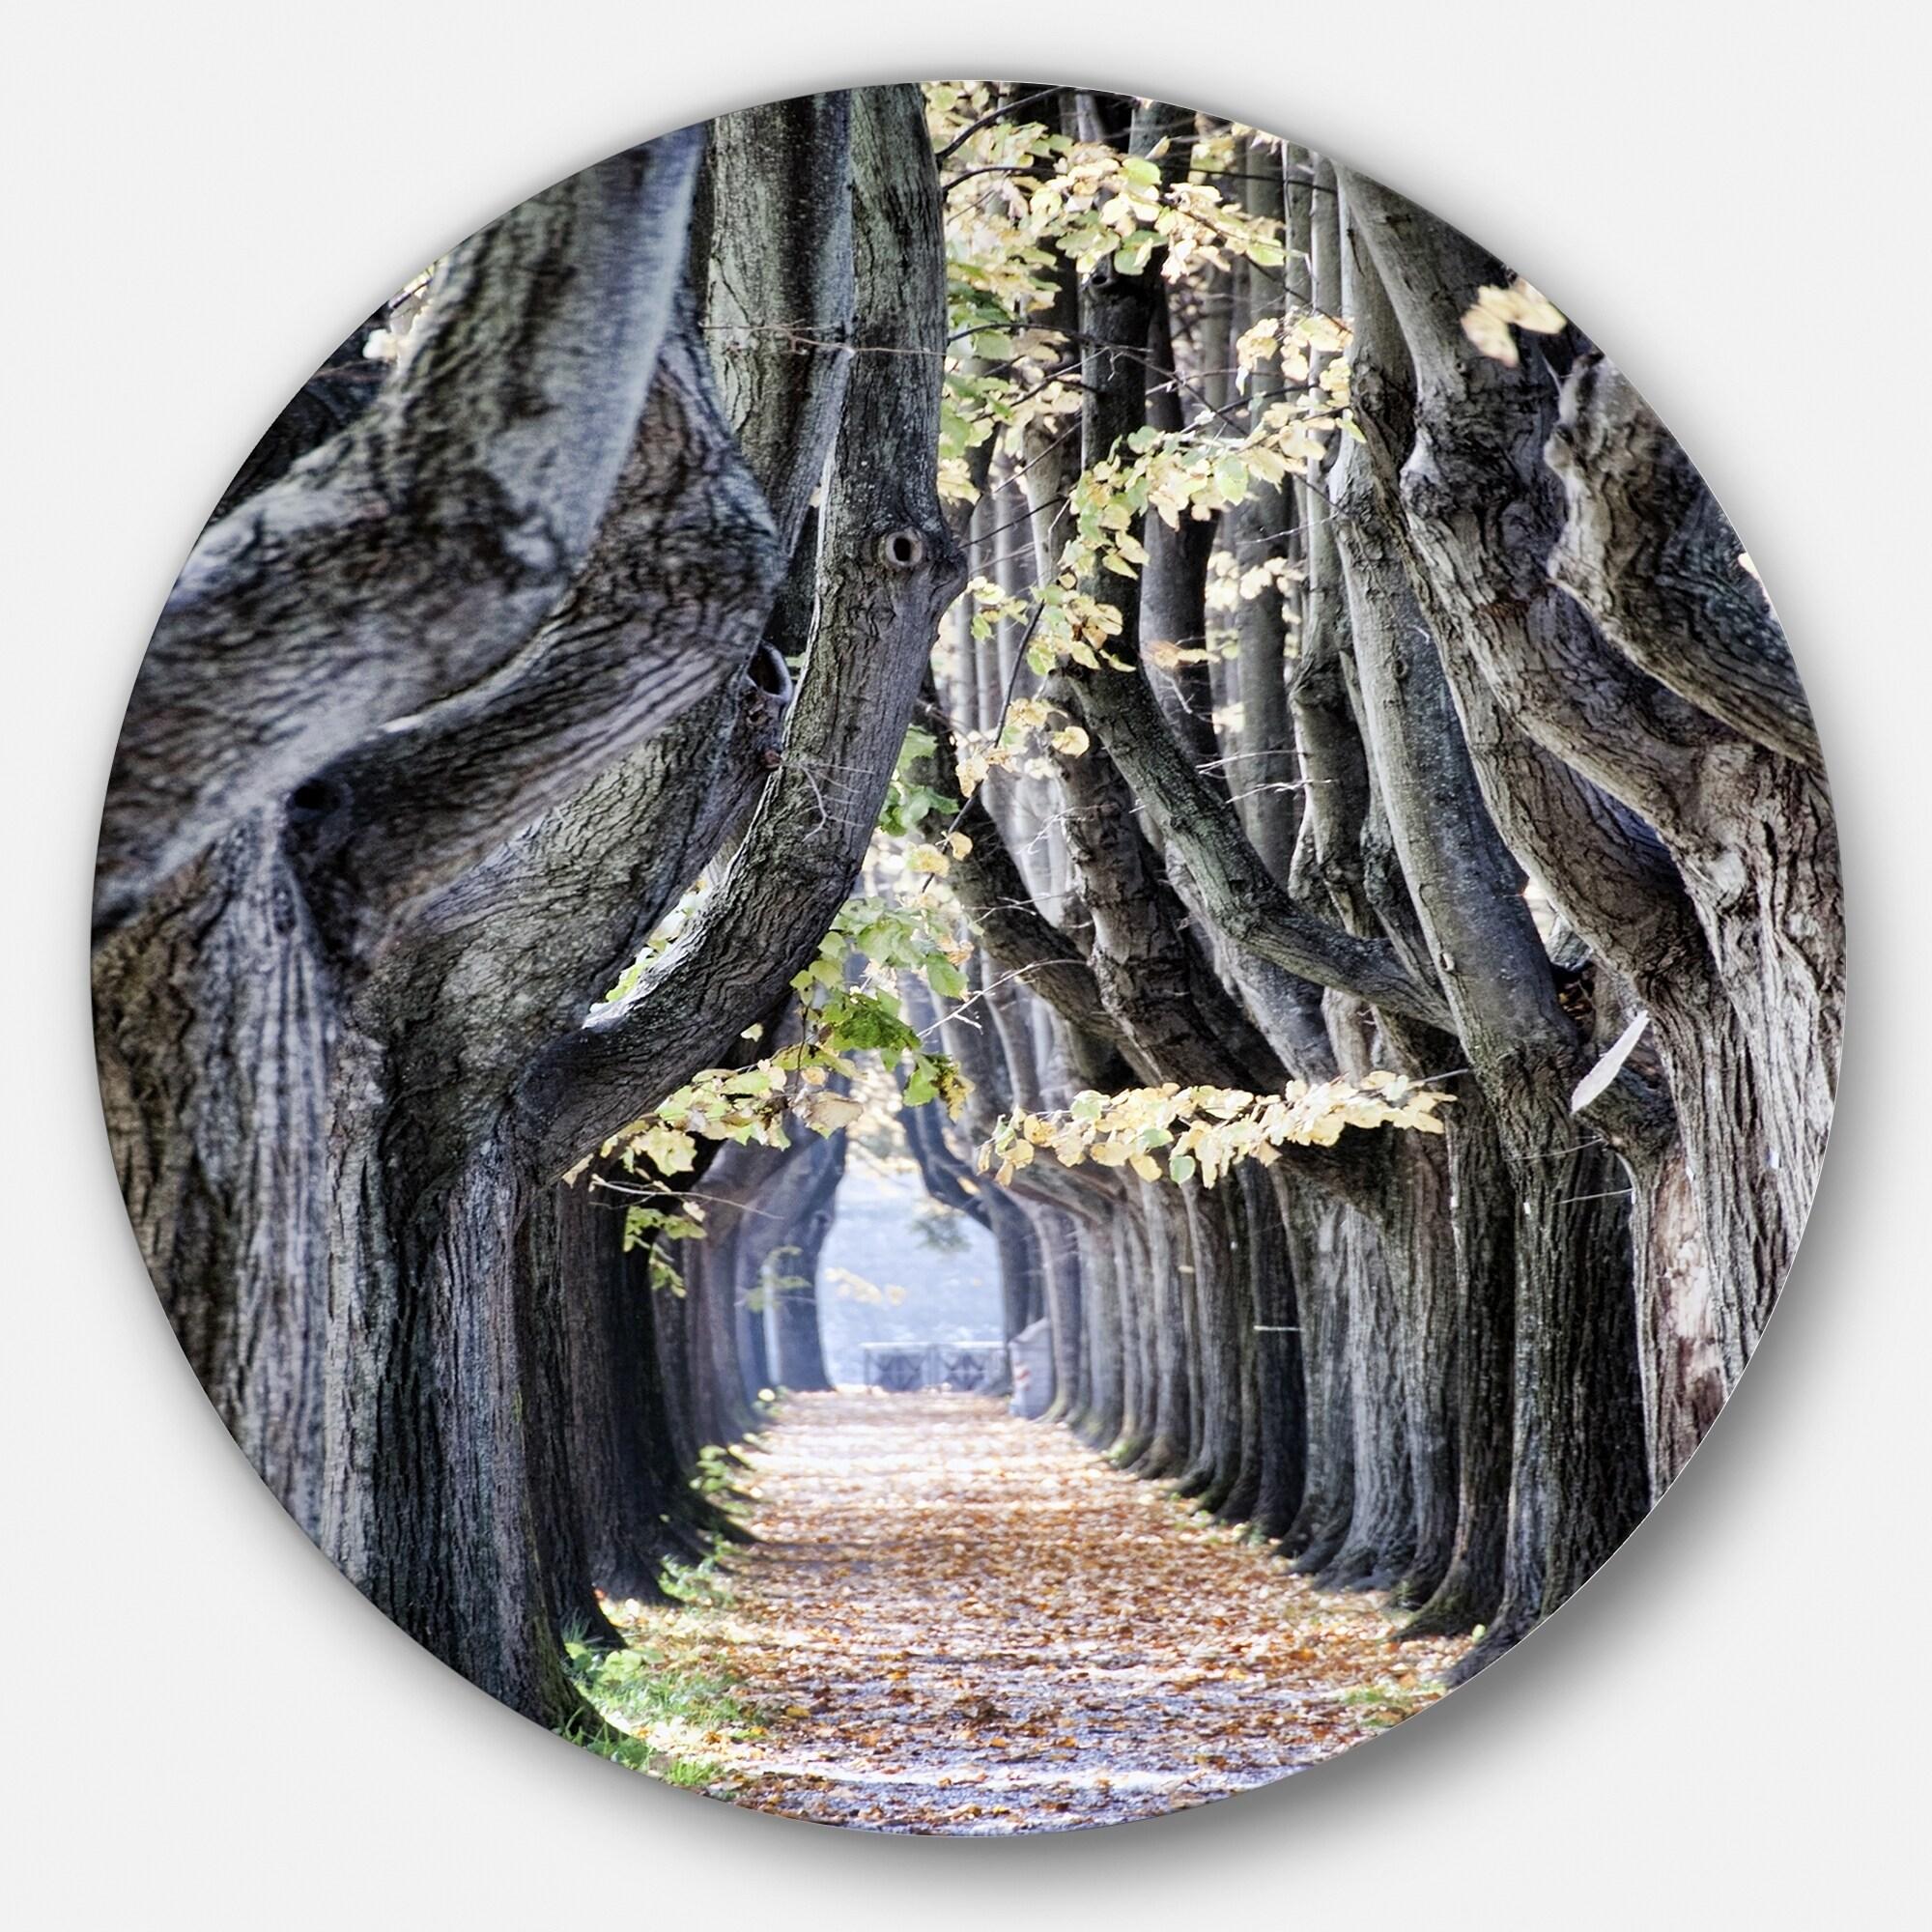 Designart Tree Outside Lucca Italy Landscape Photo Large Extra Large Ebay